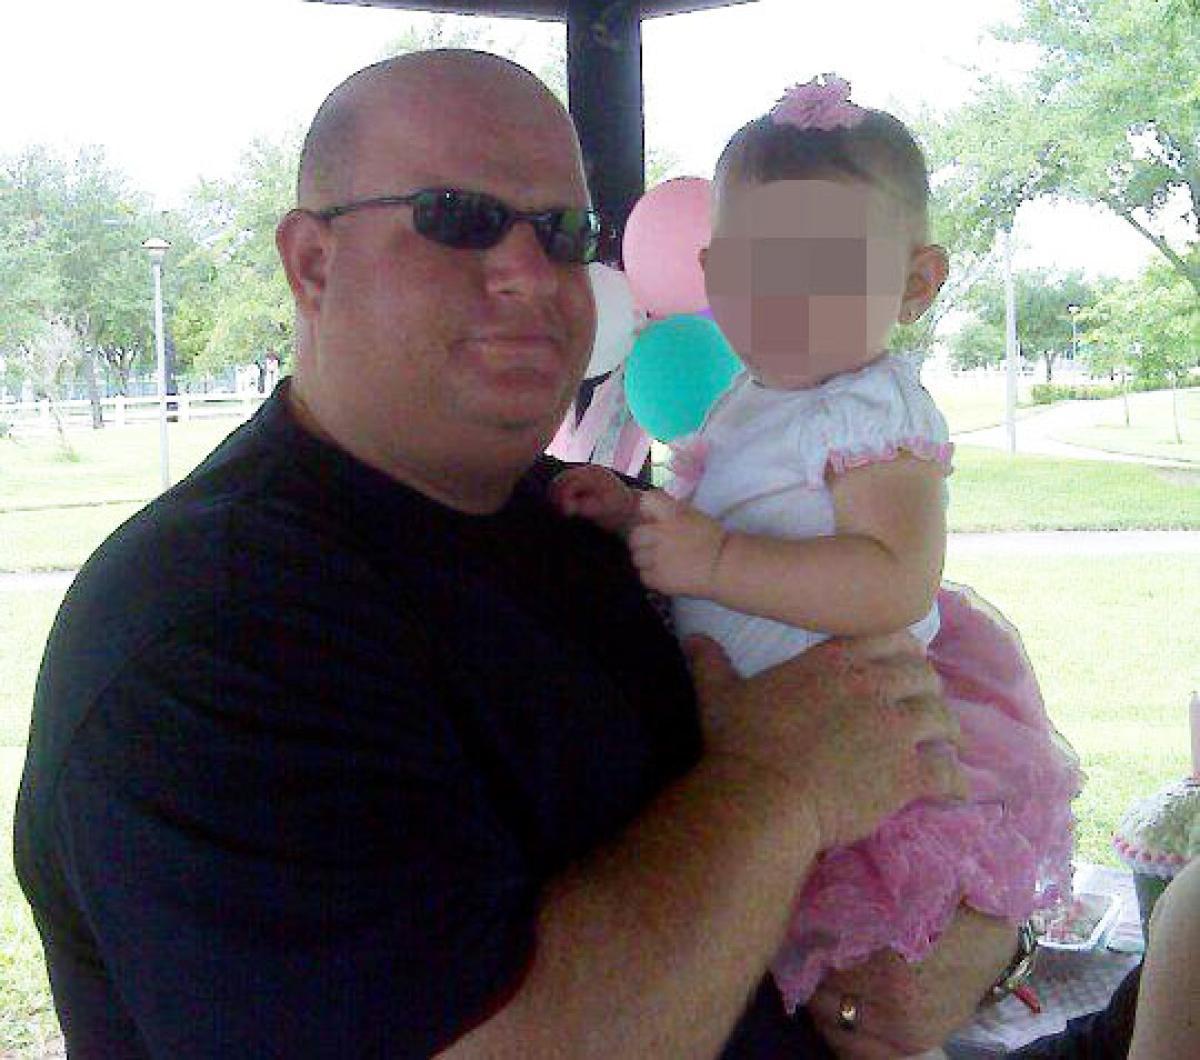 Heroj masakra na Floridi preminuo od posljedica ranjavanja